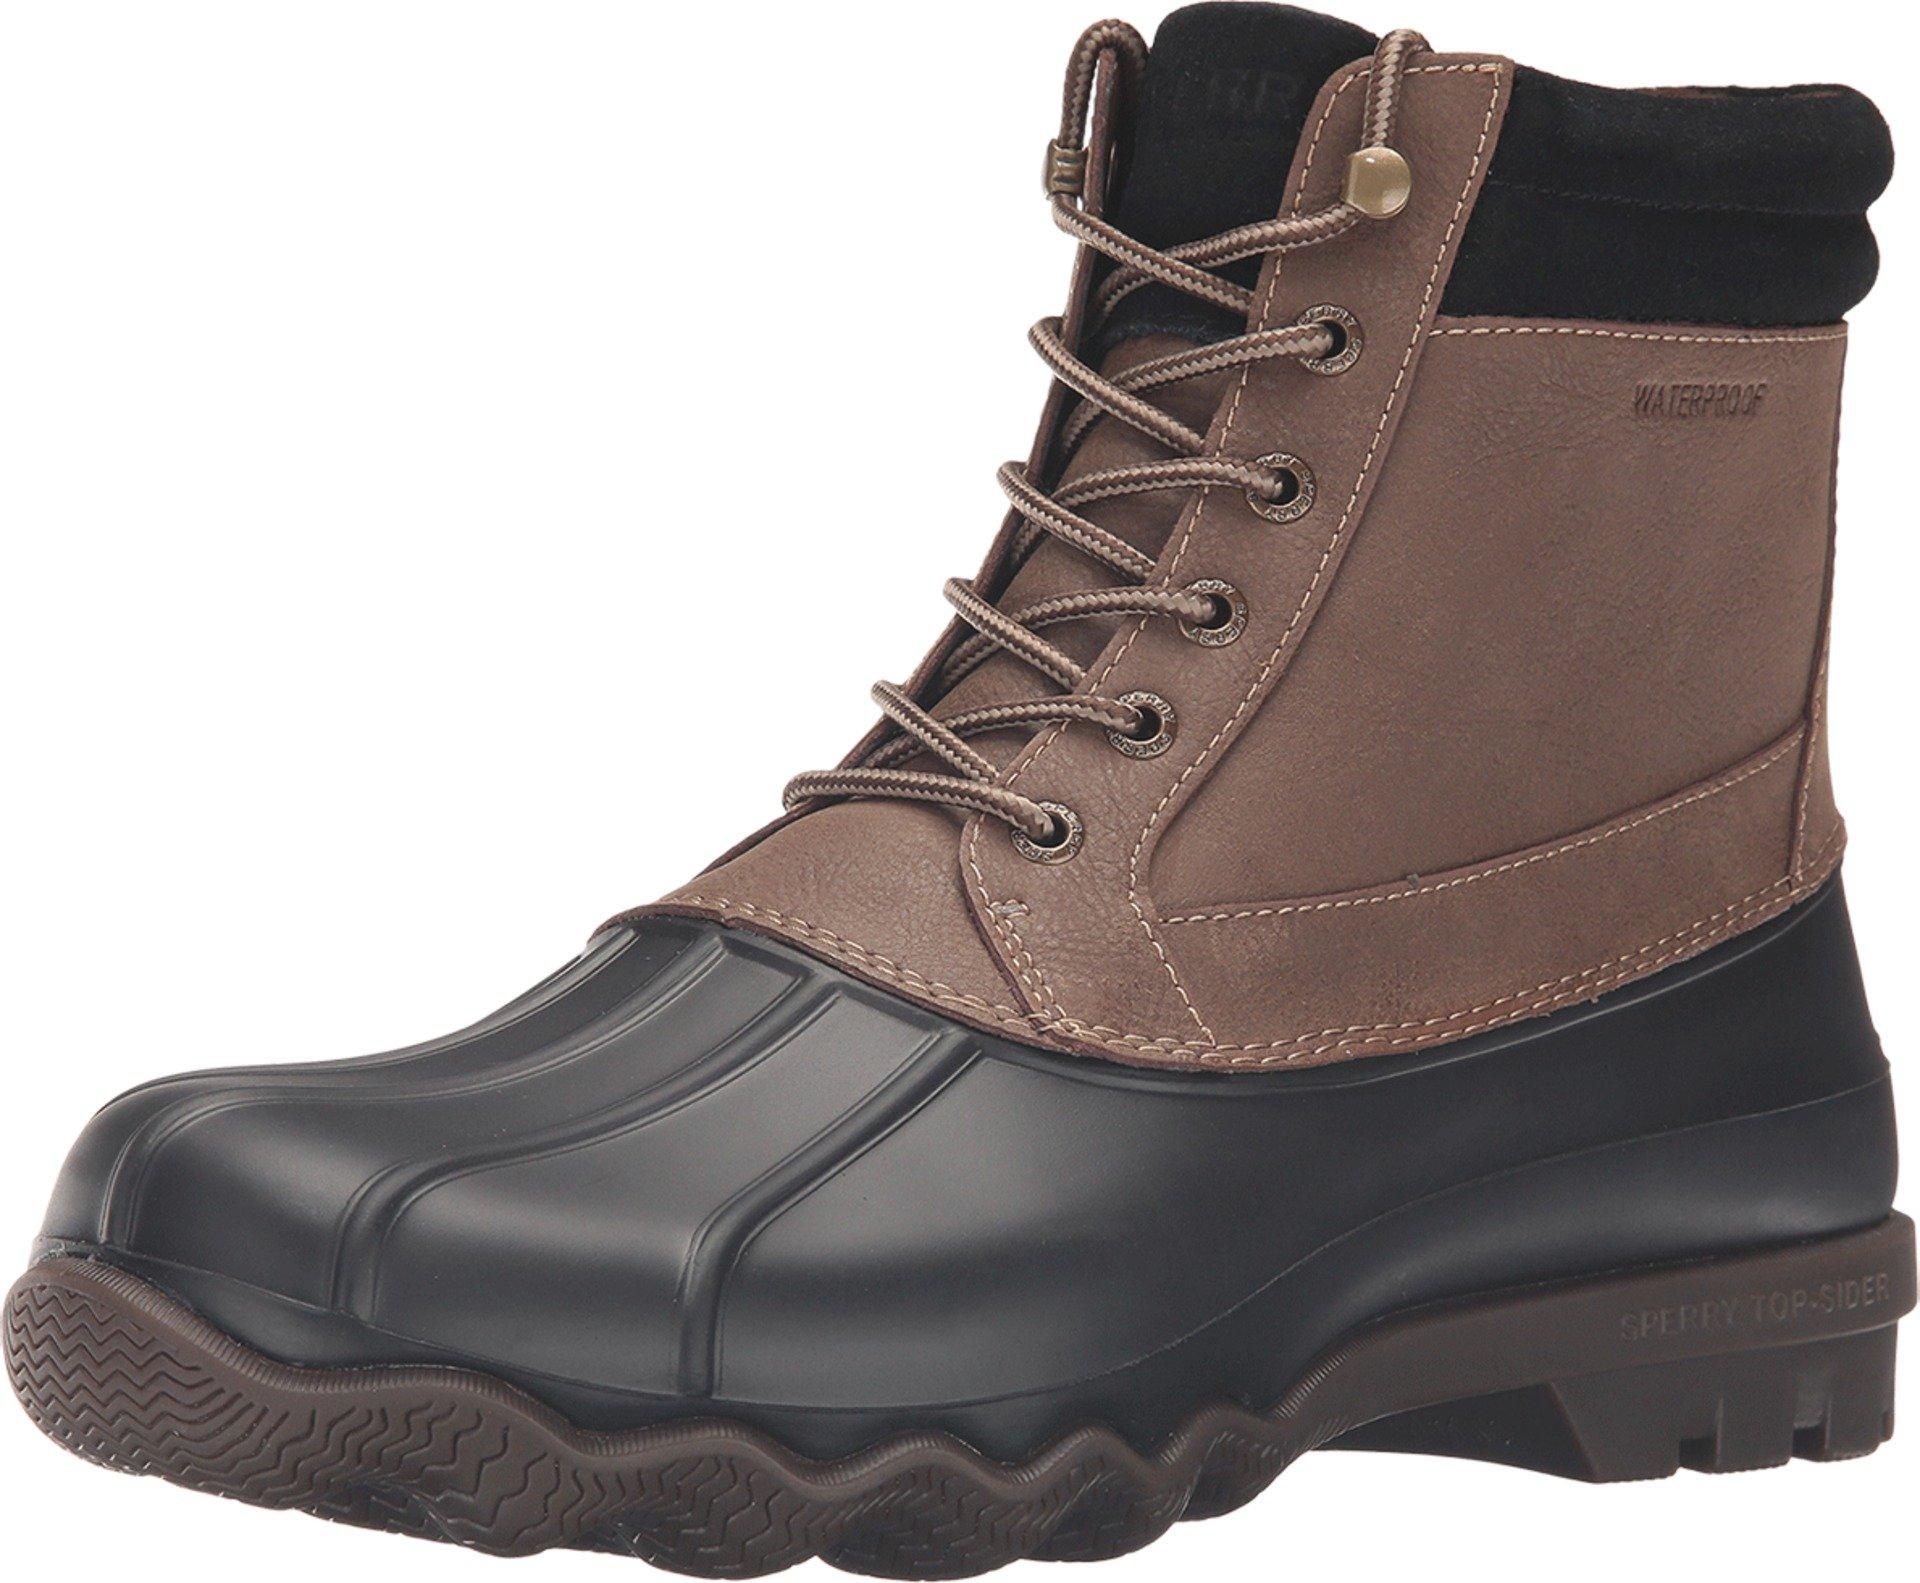 SPERRY Men's, Brewster Waterproof Boot Brown 9.5 M